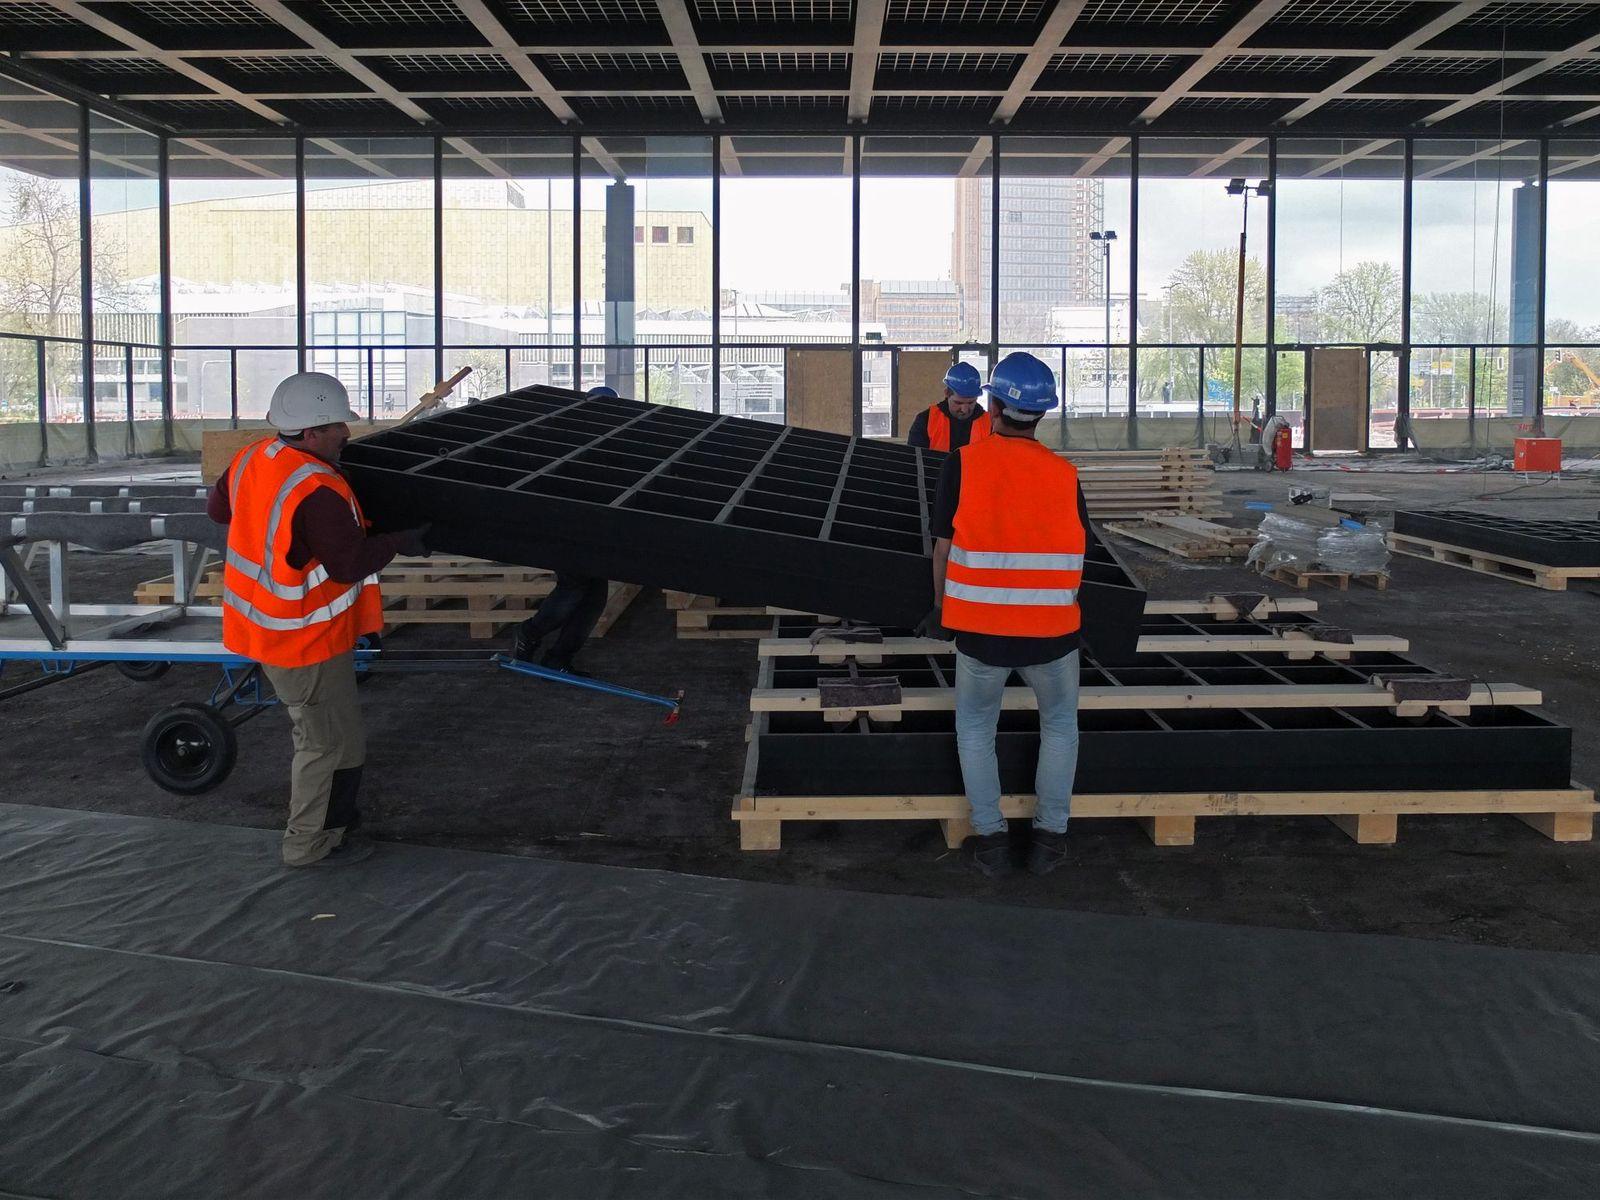 Das Deckengitter wird vorsichtig auf die Palette gehoben. Foto: SMB / schmedding.vonmarlin.